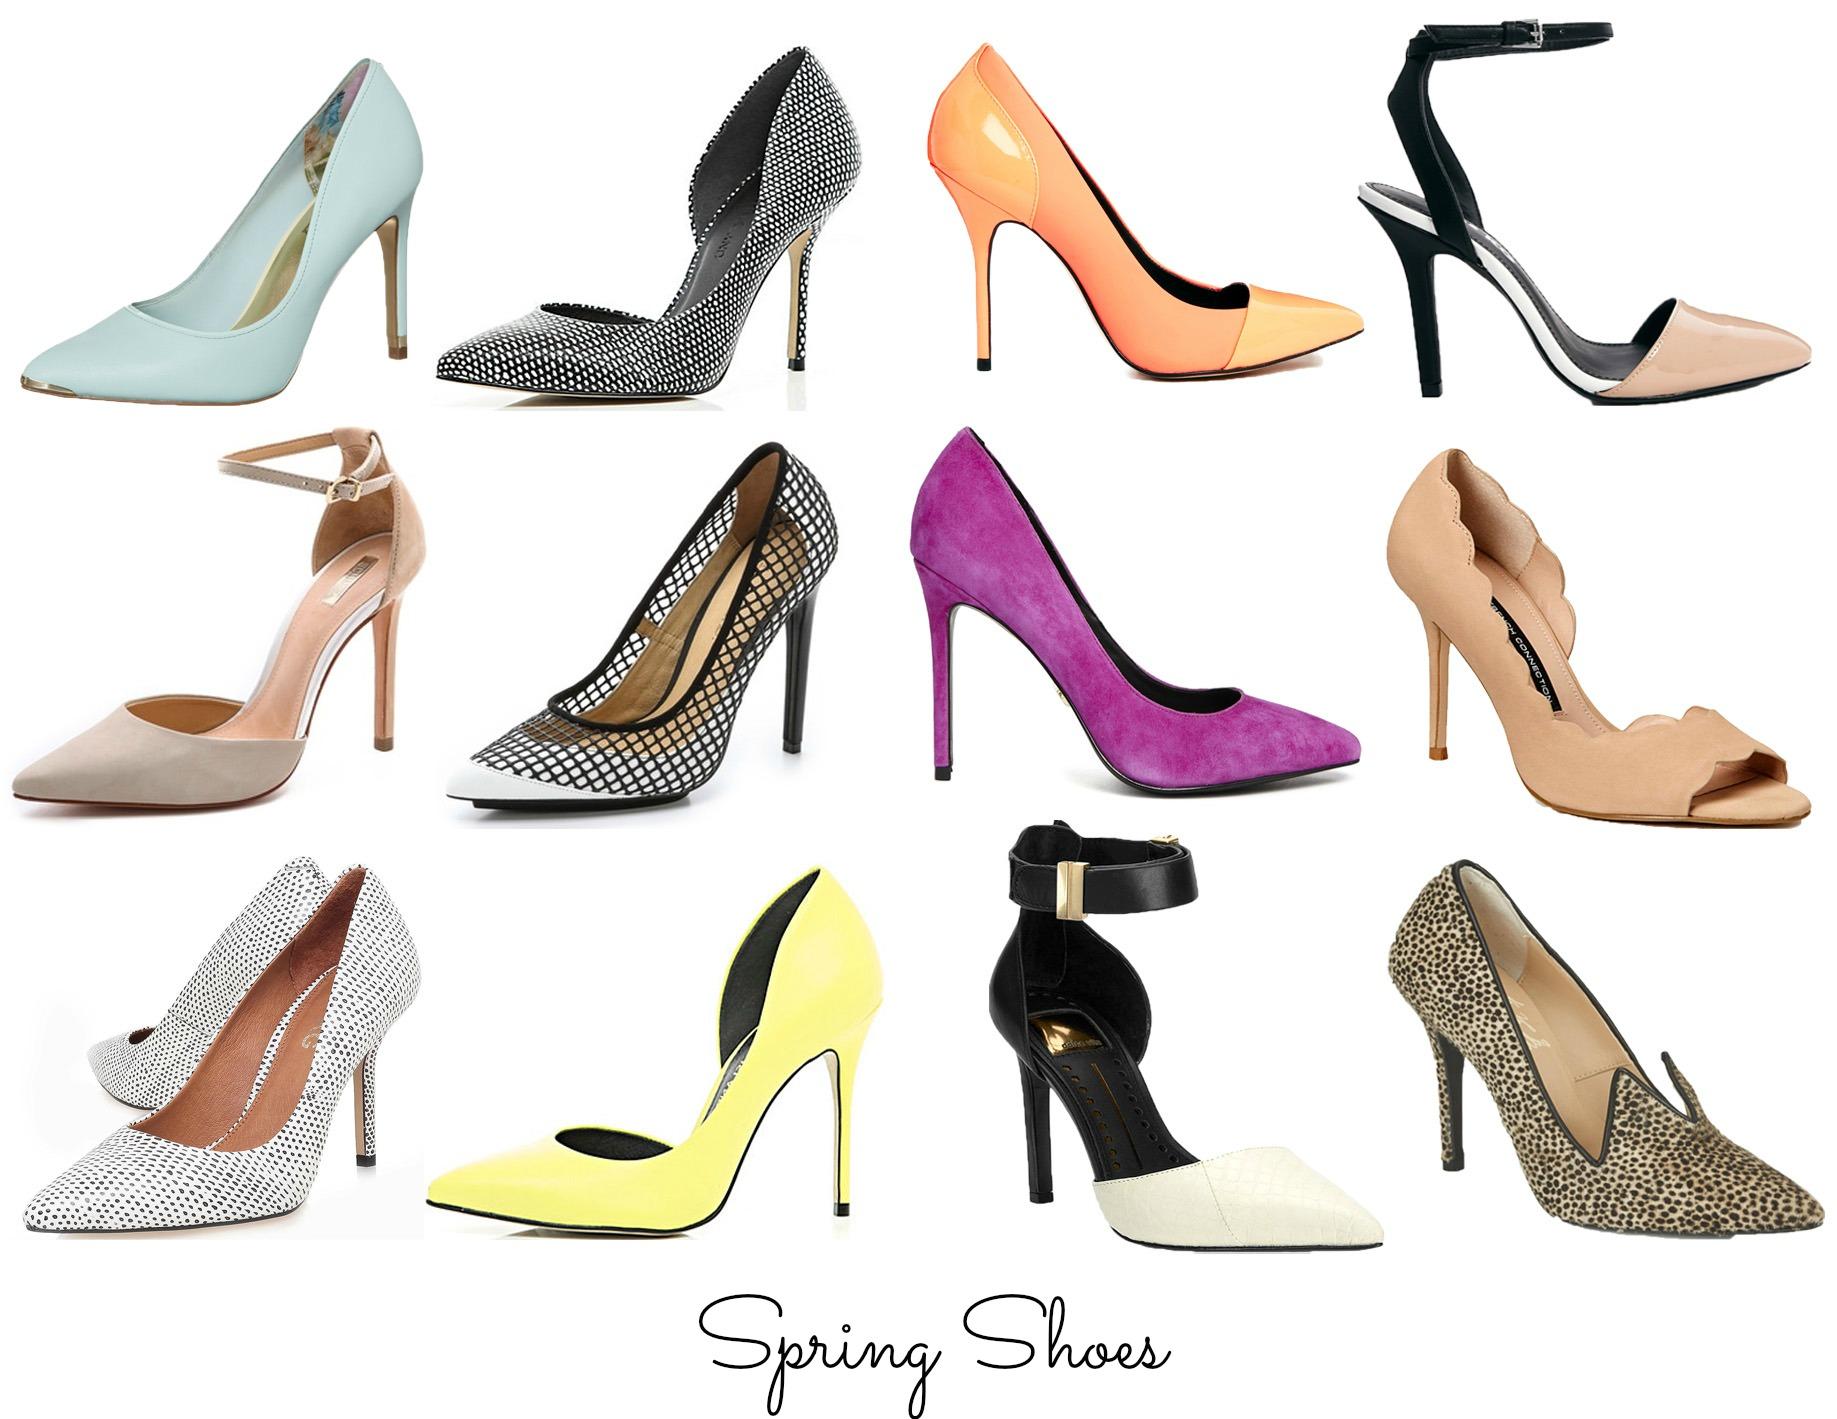 Mintunvihreät kengät kiikkuvat ihan kärkipäässä tulevan kesän  ostoslistallani. Olen nyt muutenkin perso väreille 694a5559d0